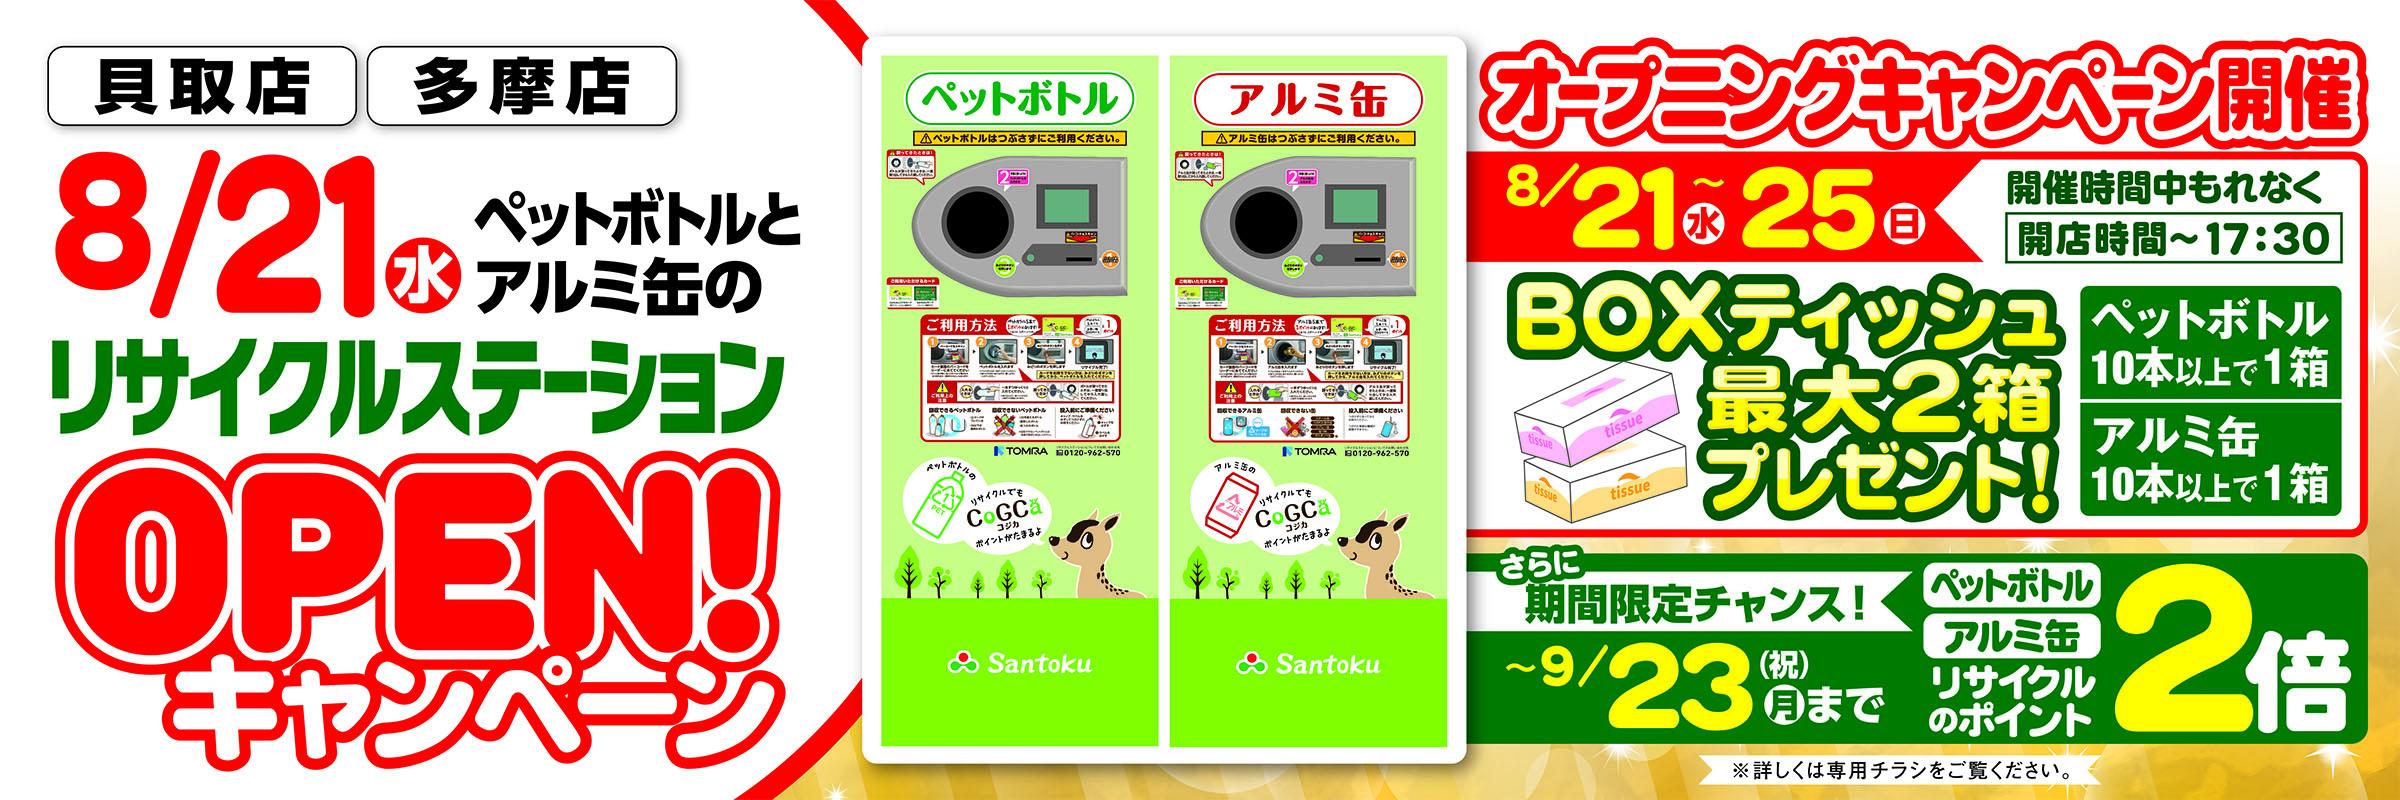 貝取店・多摩店リサイクルステーション